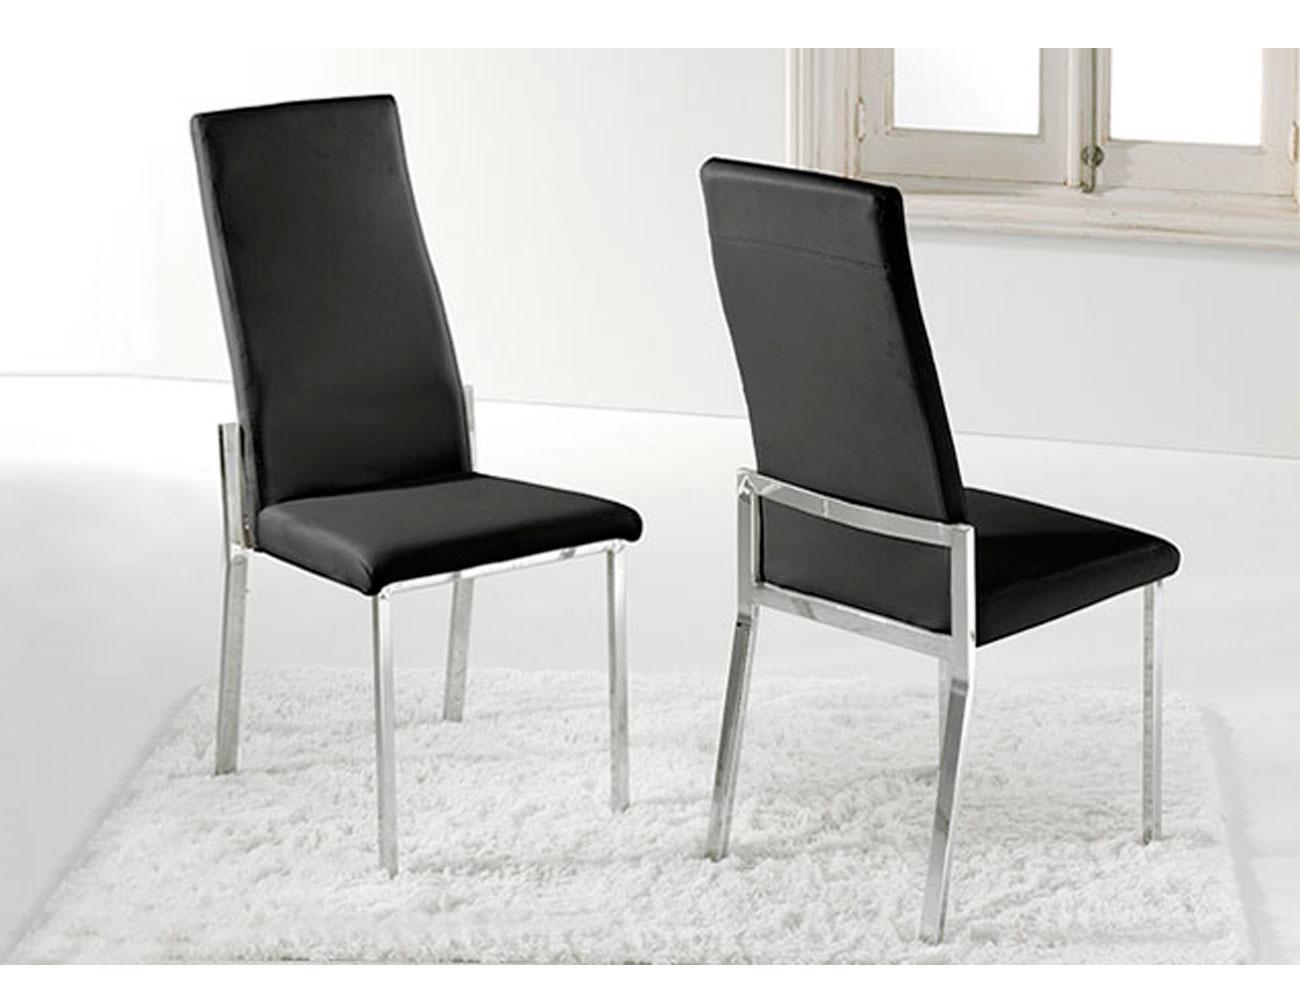 Pack de sillas comedor tapizada en polipiel color chocolate factory del mueble utrera - Sillas comedor polipiel ...